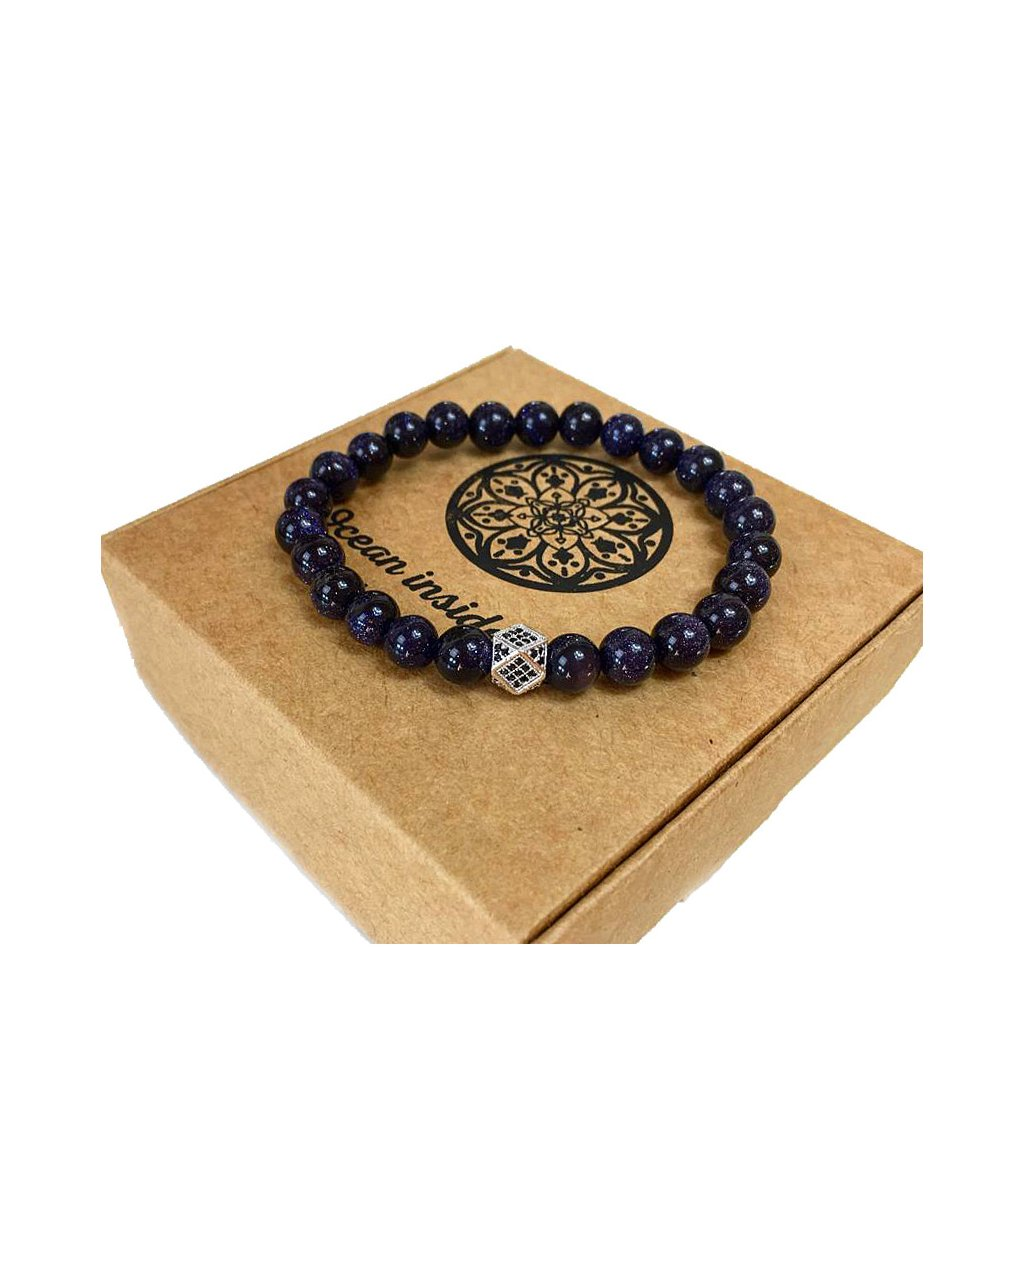 Pánský náramek z minerálu lapis lazuli a luxusní kostka